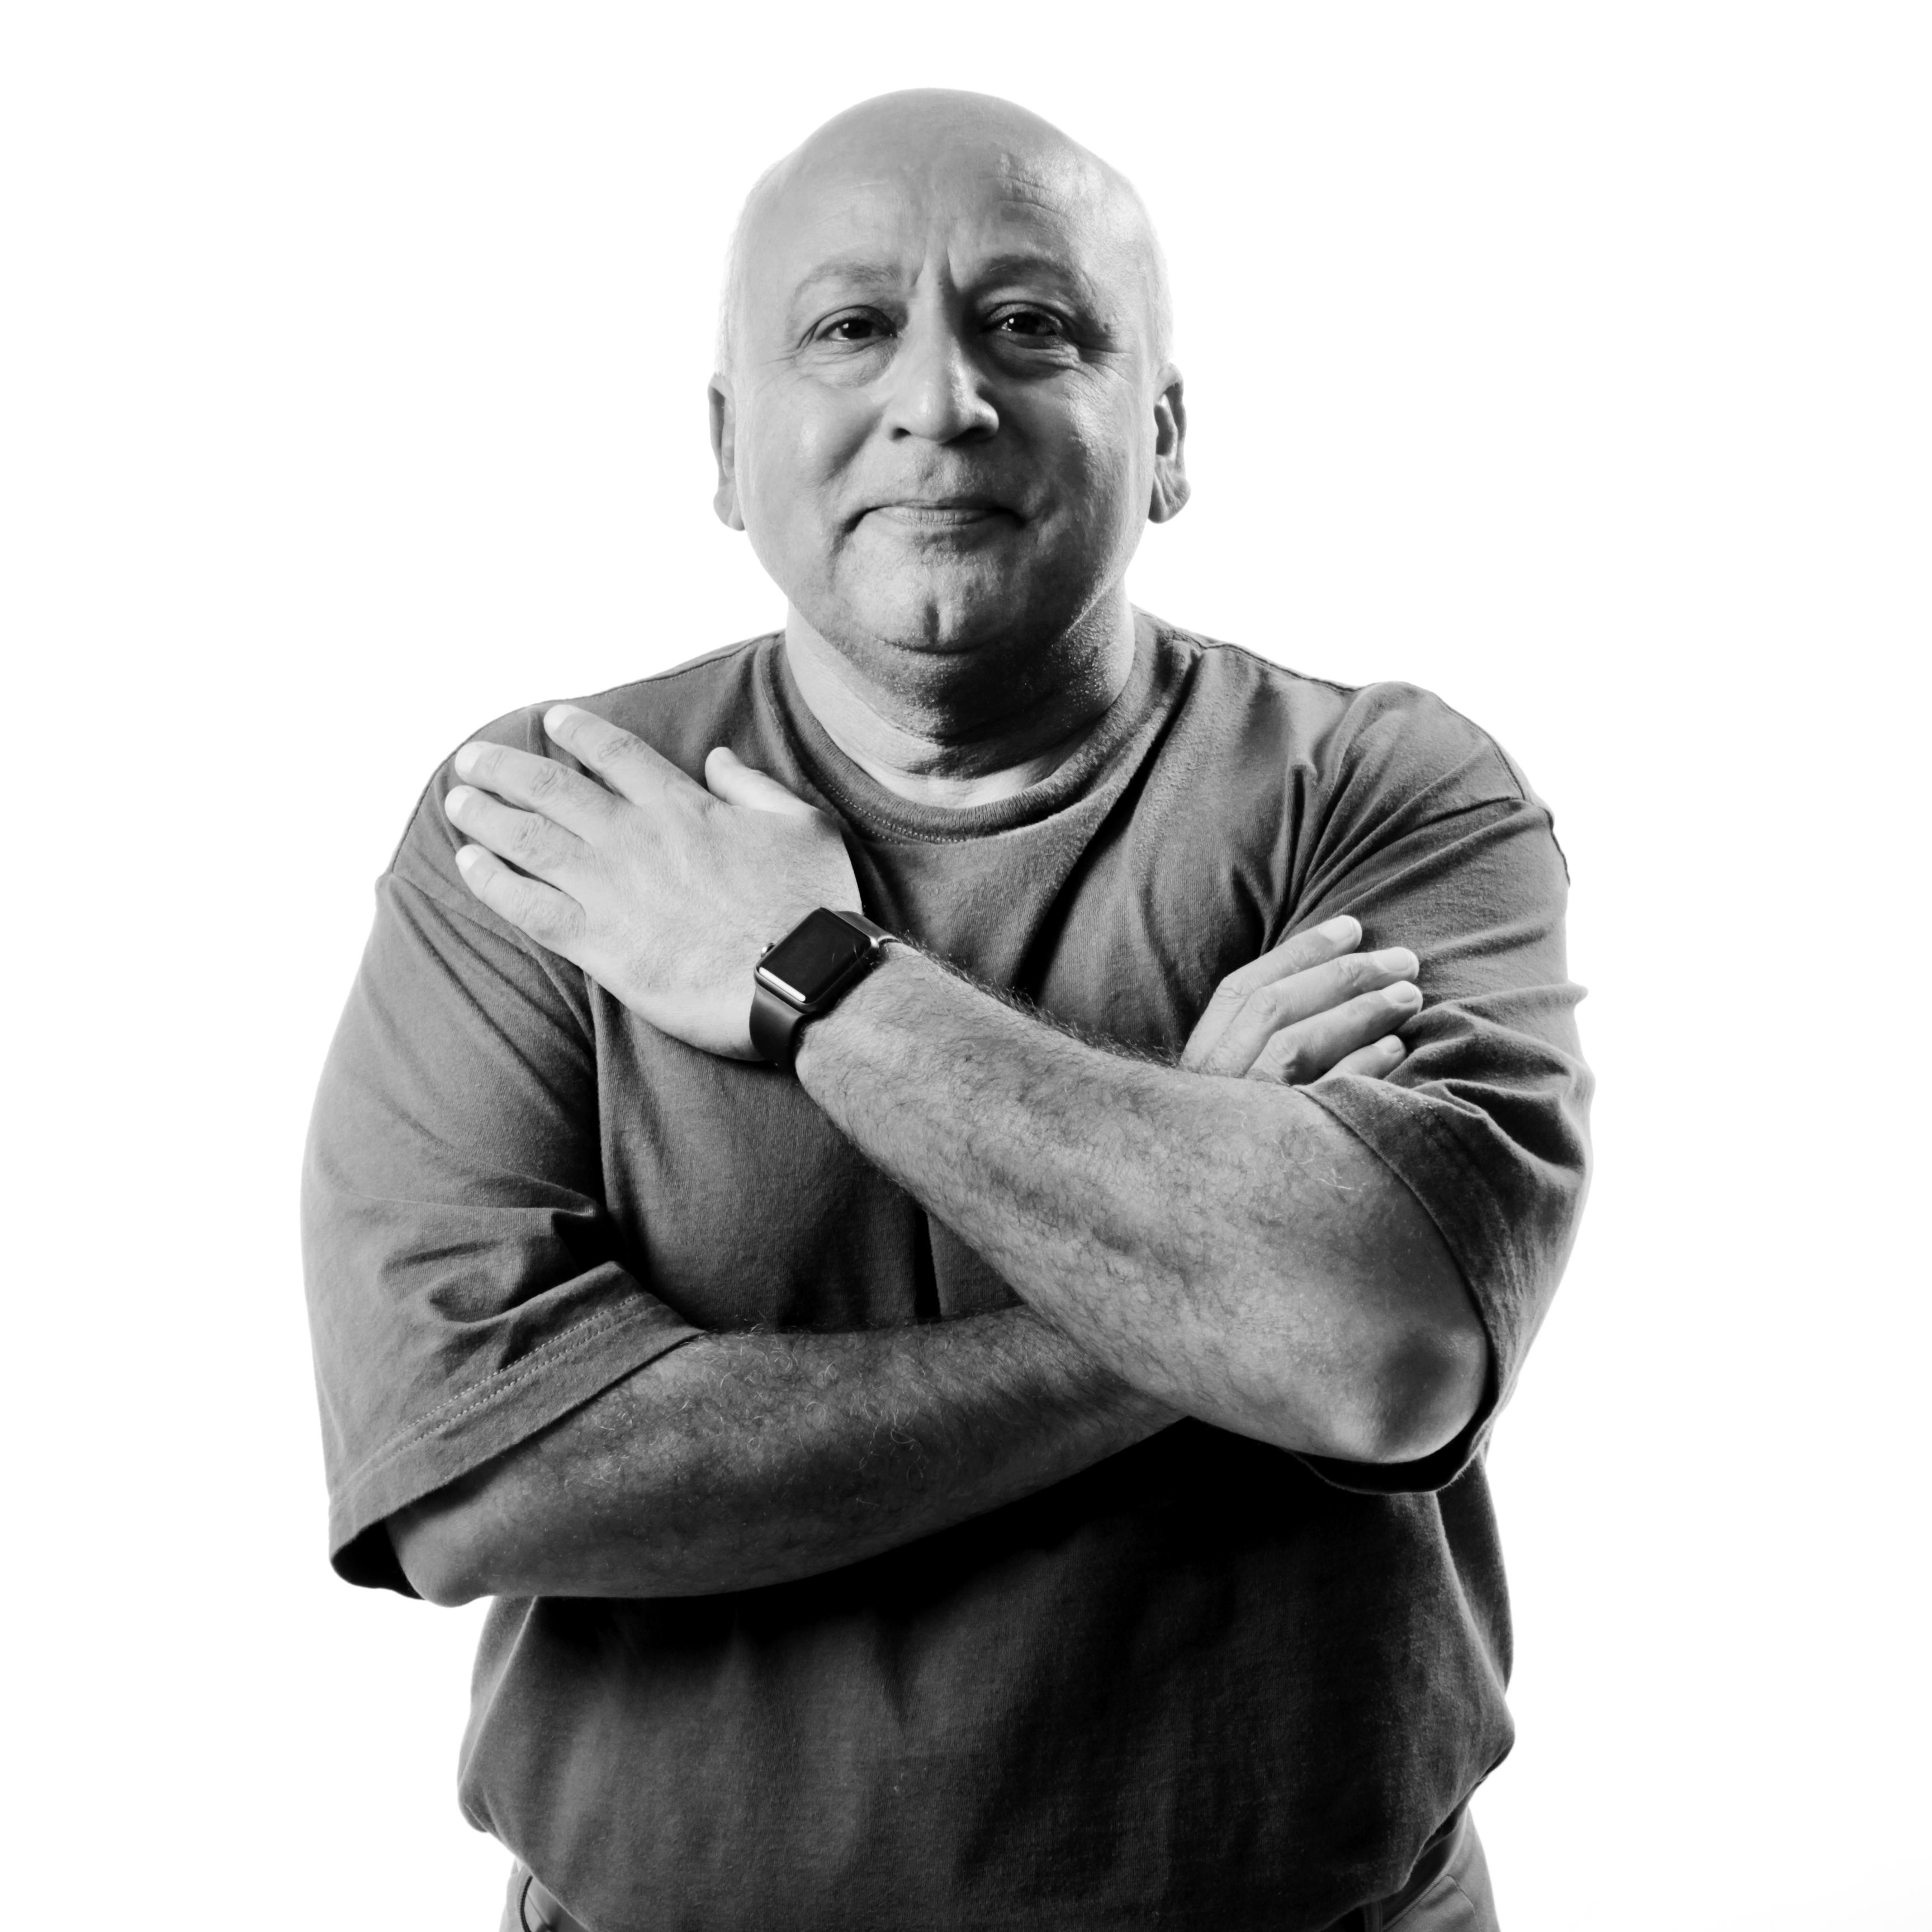 Adel Abunawass